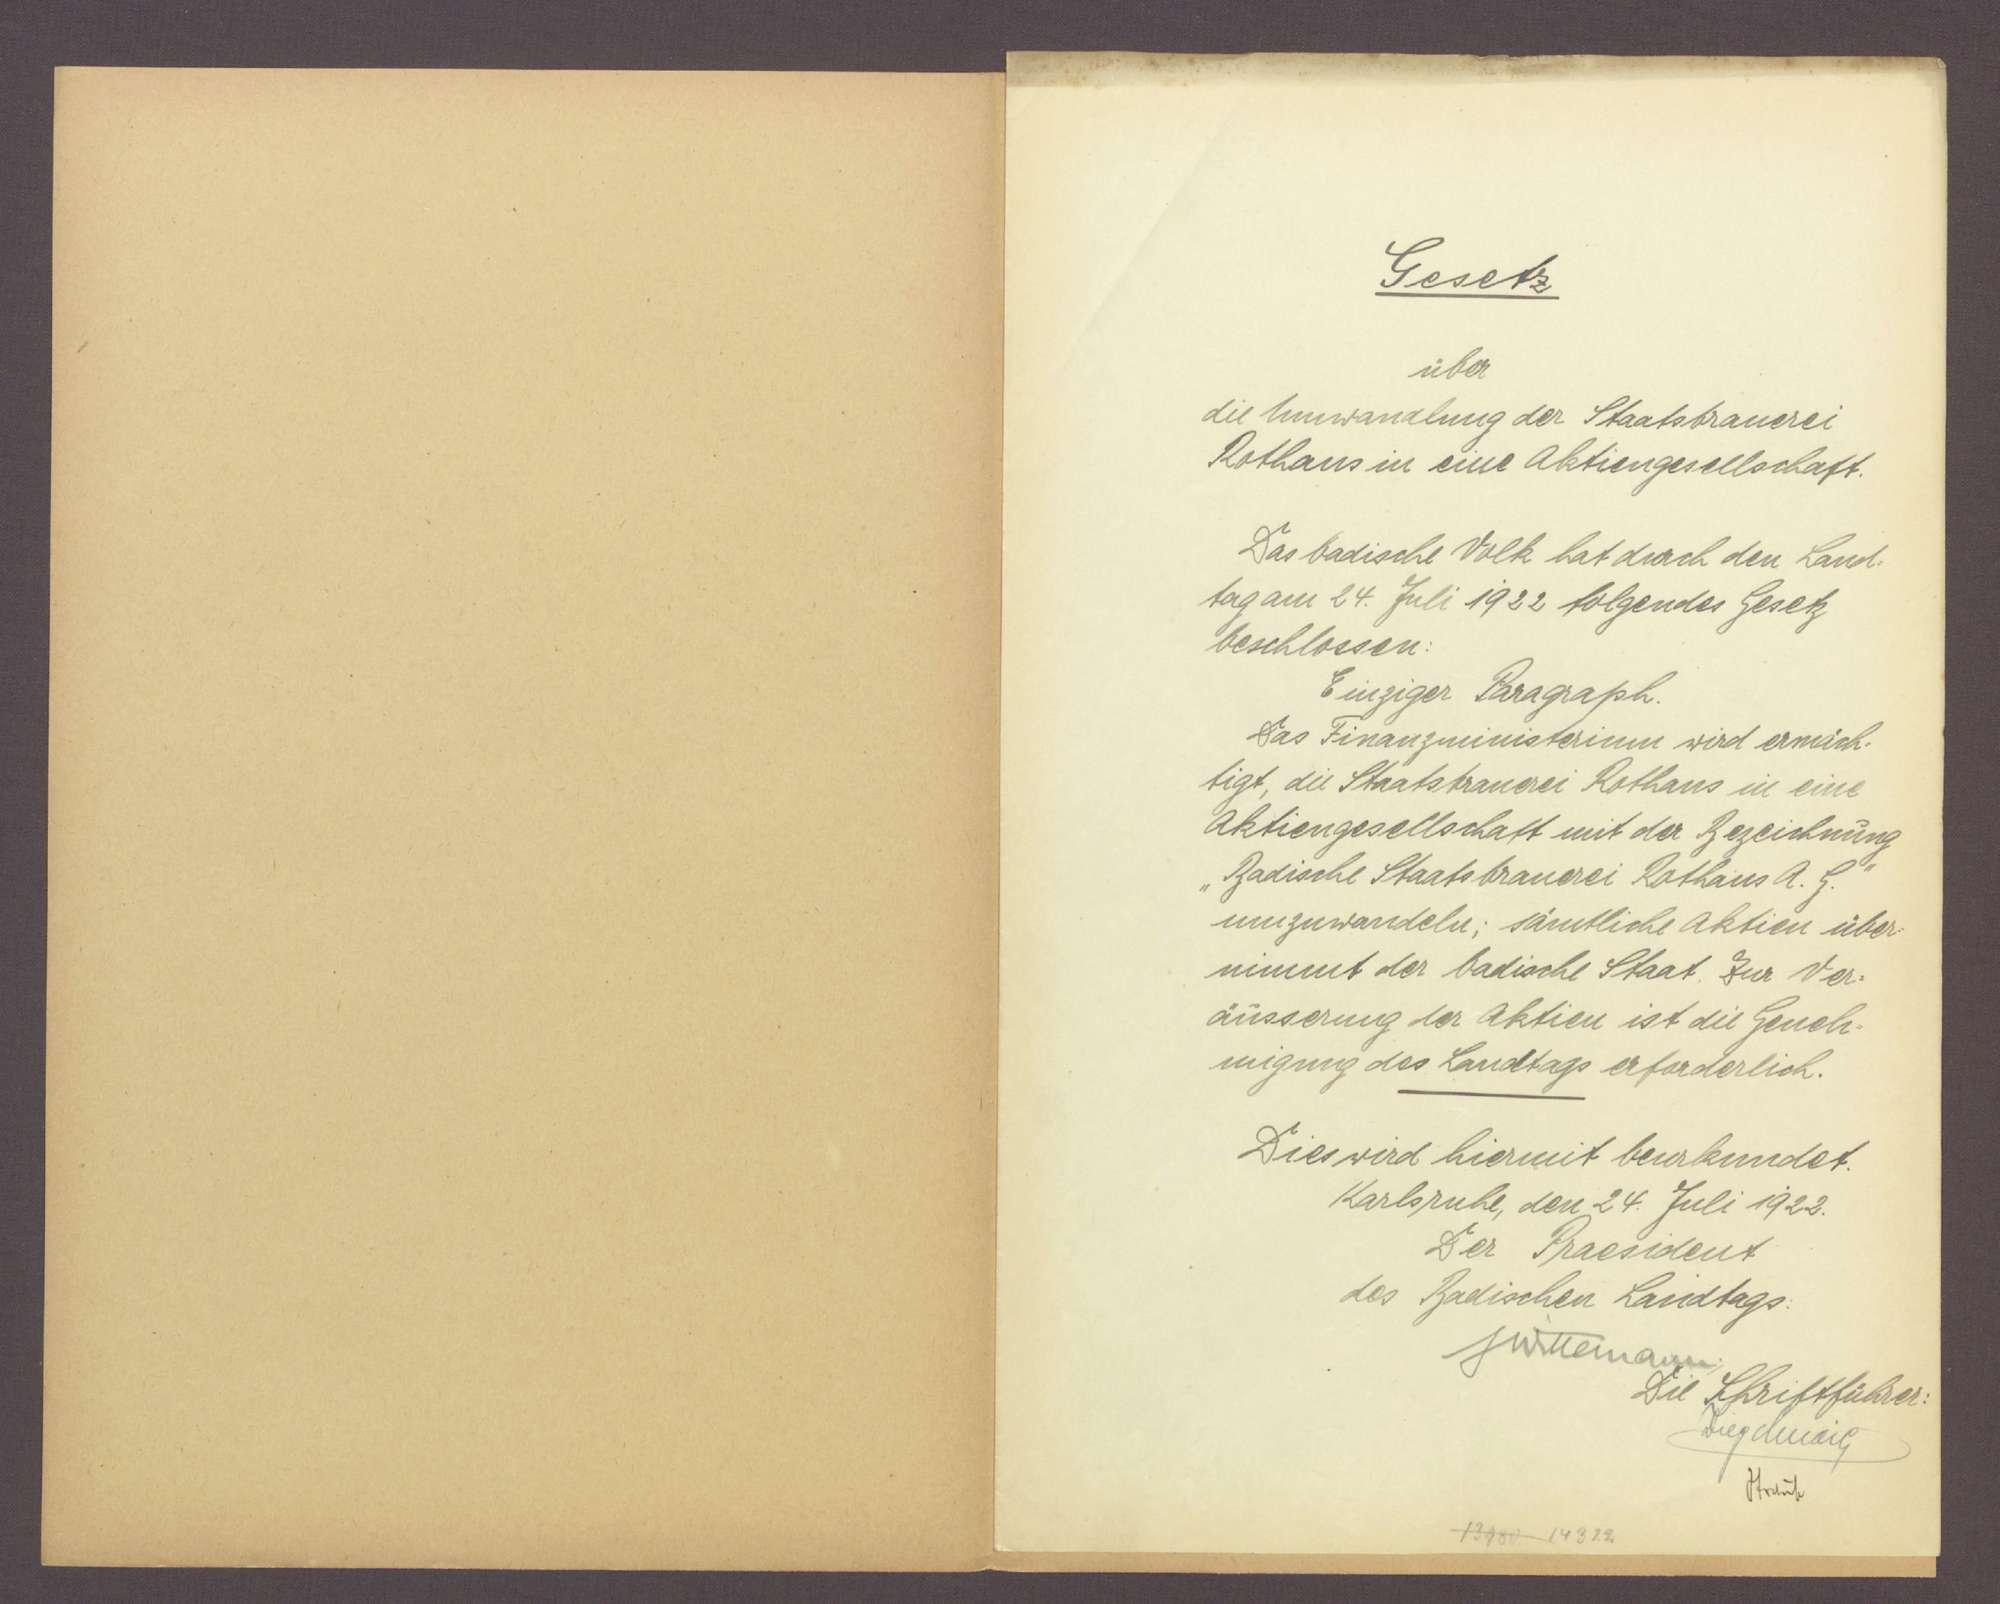 Gesetz über die Umwandlung der Staatsbrauerei Rothaus in eine Aktiengesellschaft (24. Juli 1922), Bild 2